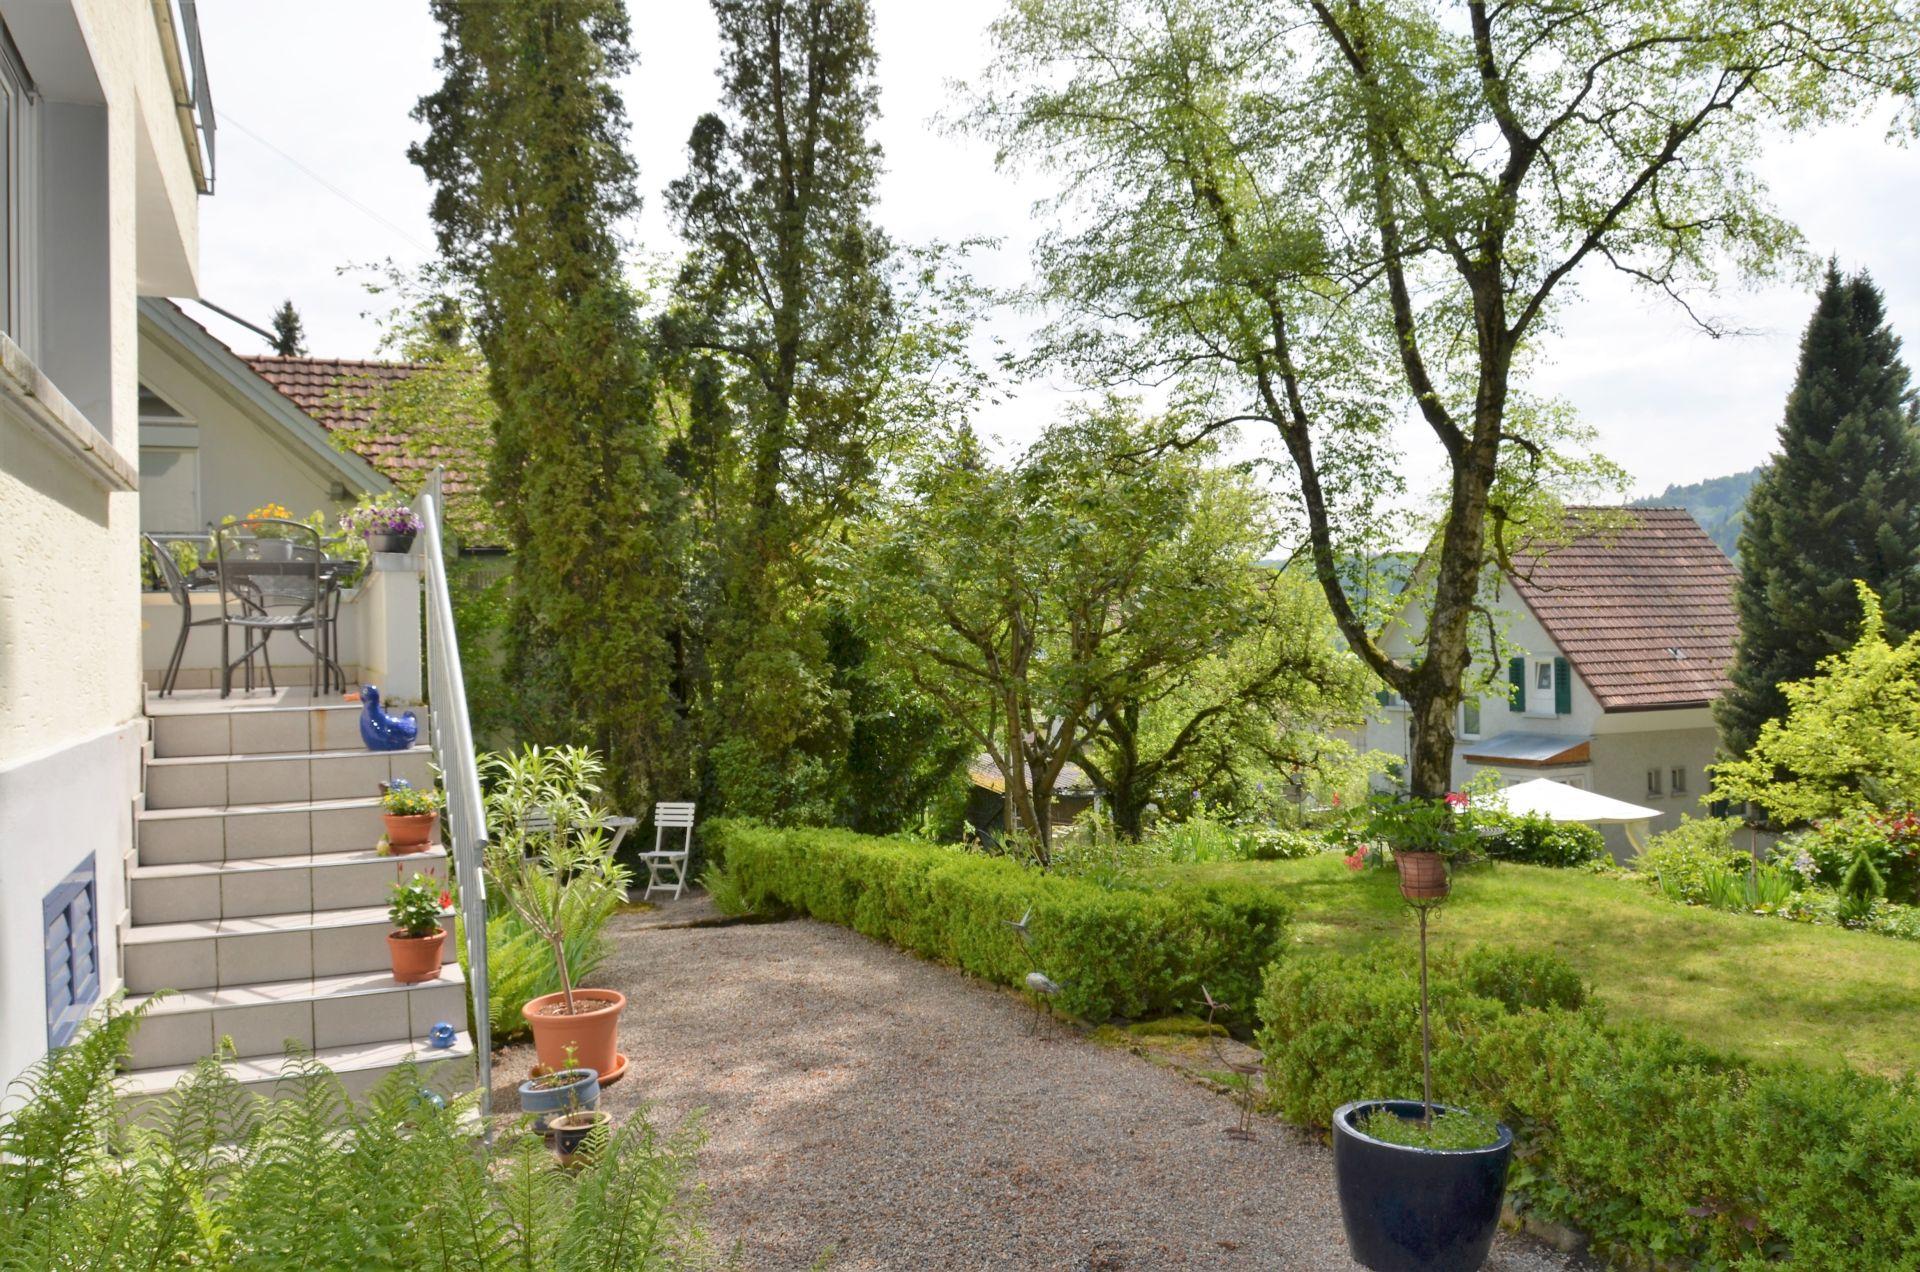 idyllischer sonniger Garten